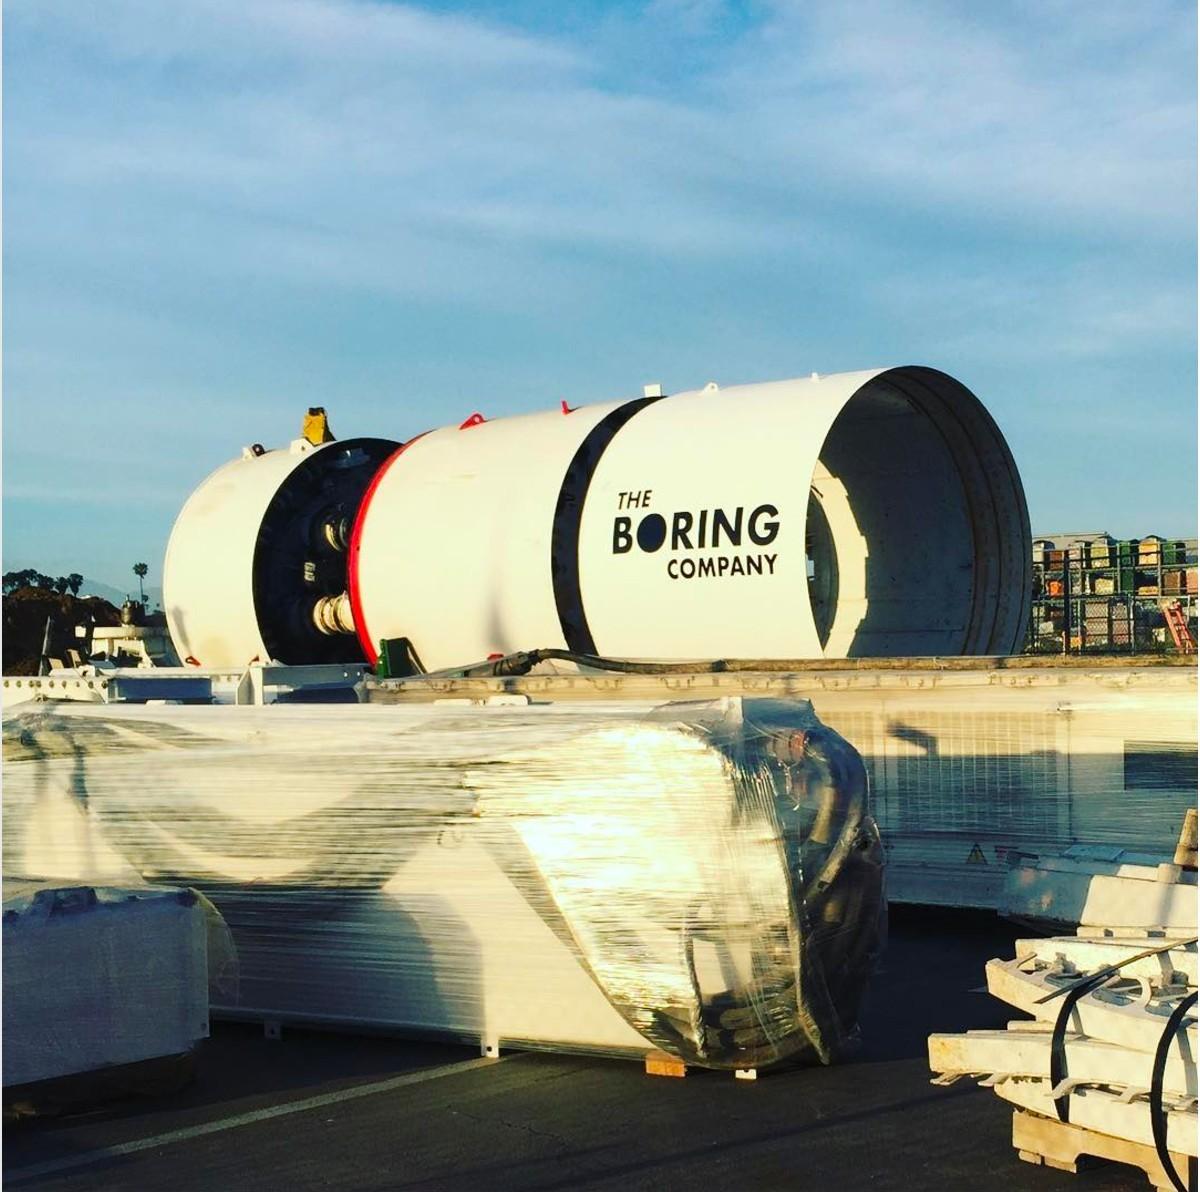 Илон Маск представил концепцию подземных тоннелей для автомобильного движения - 2